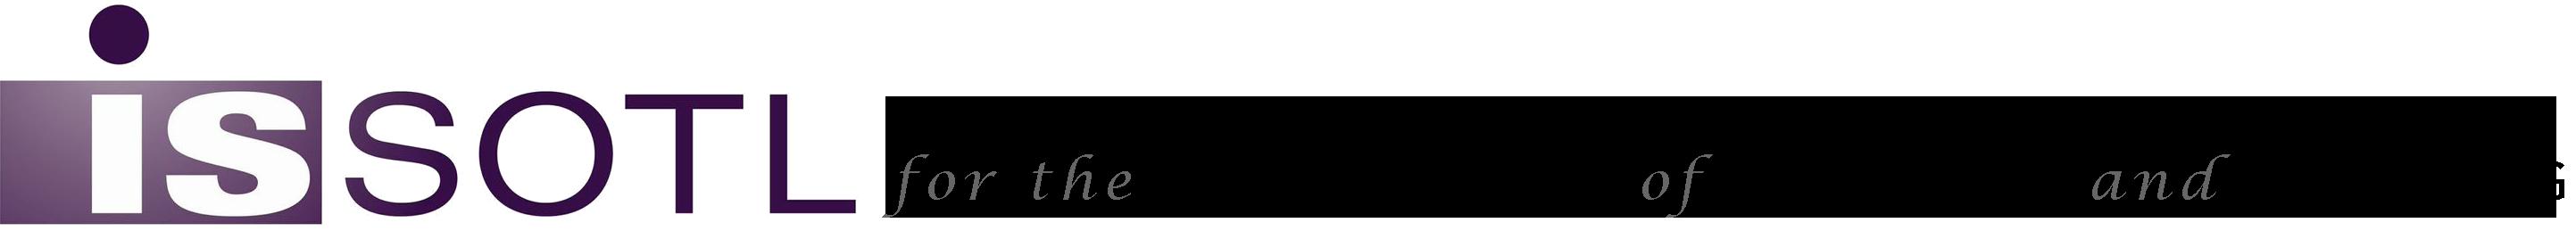 ISSOTL 2017